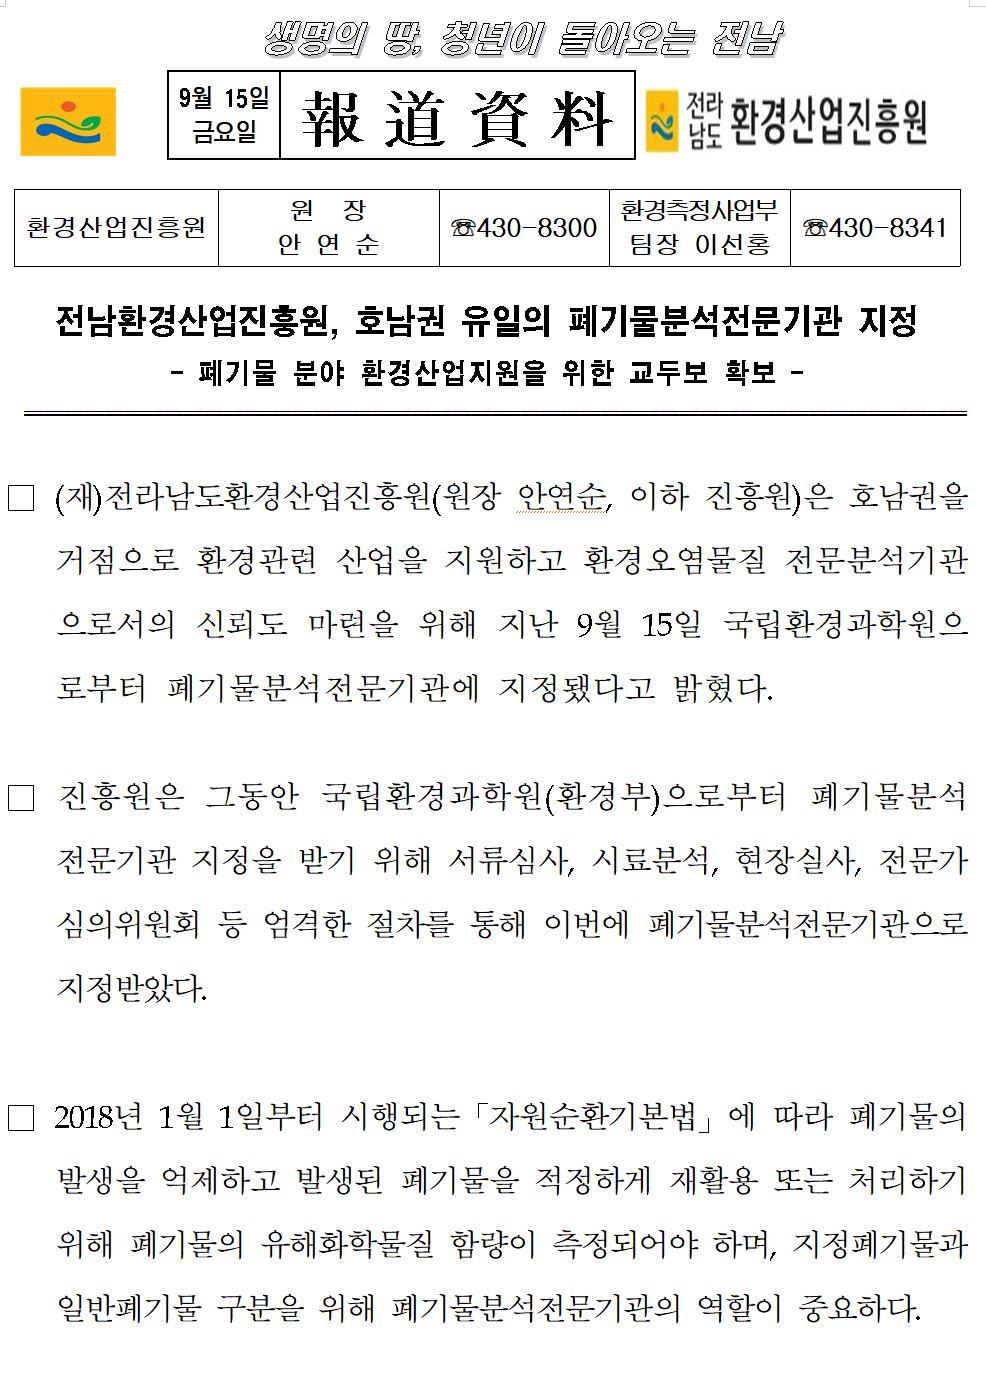 전남환경산업진흥원호남권유일의폐기물분석전문기관지정